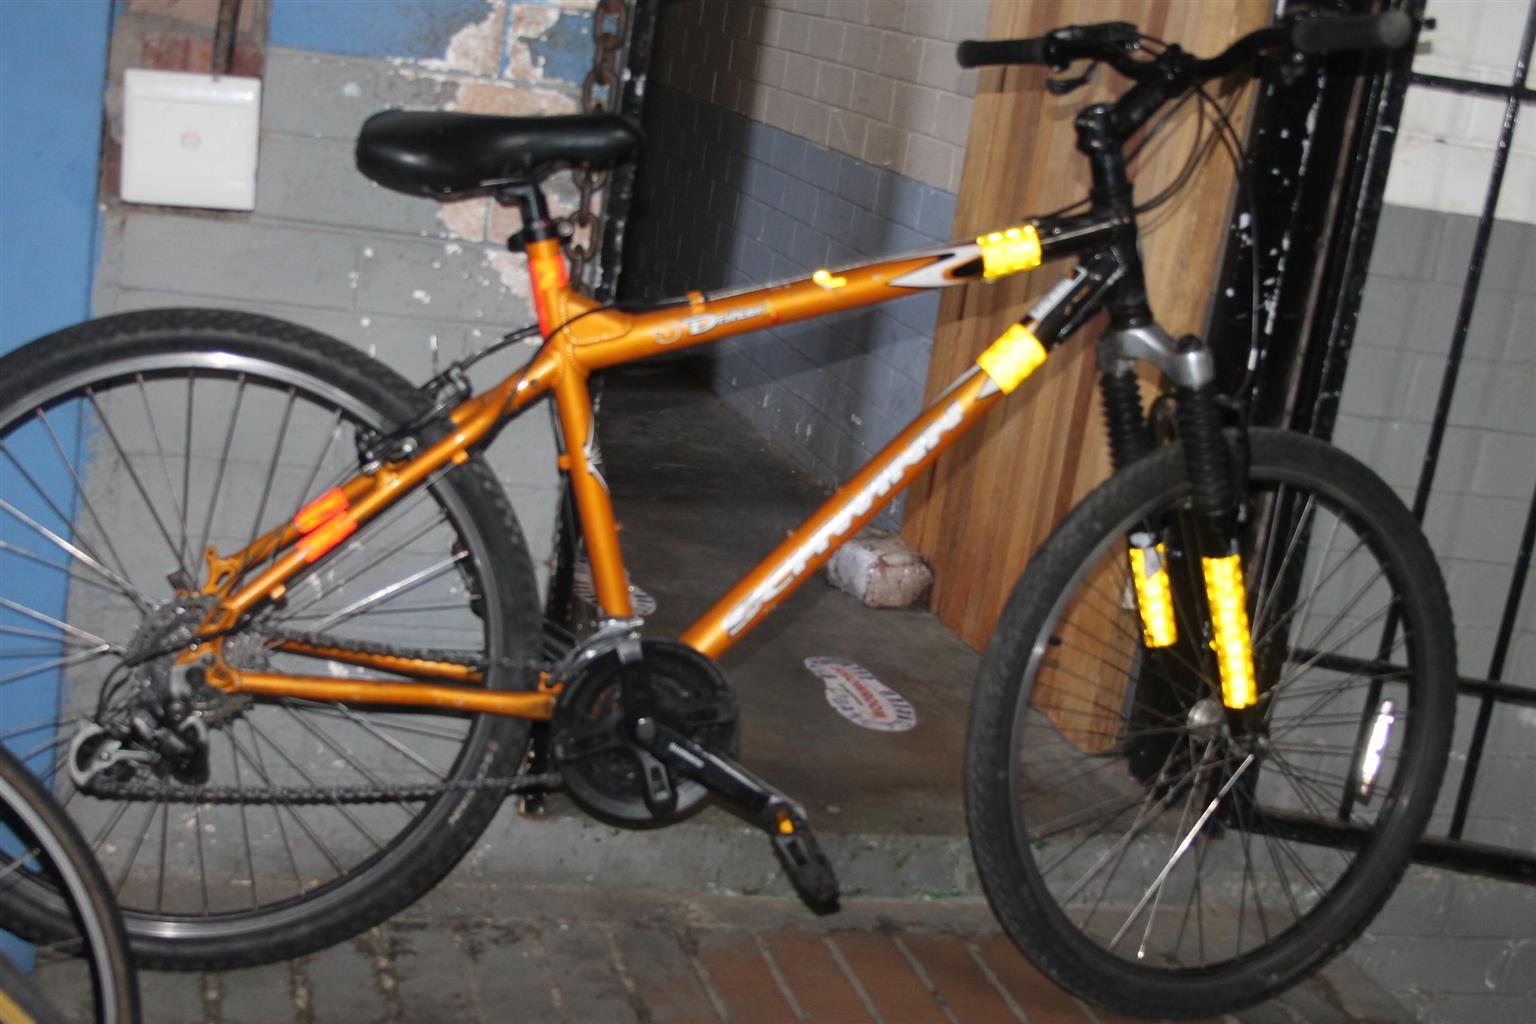 Mazda Schwin bicycle S033720A #Rosettenvillepawnshop